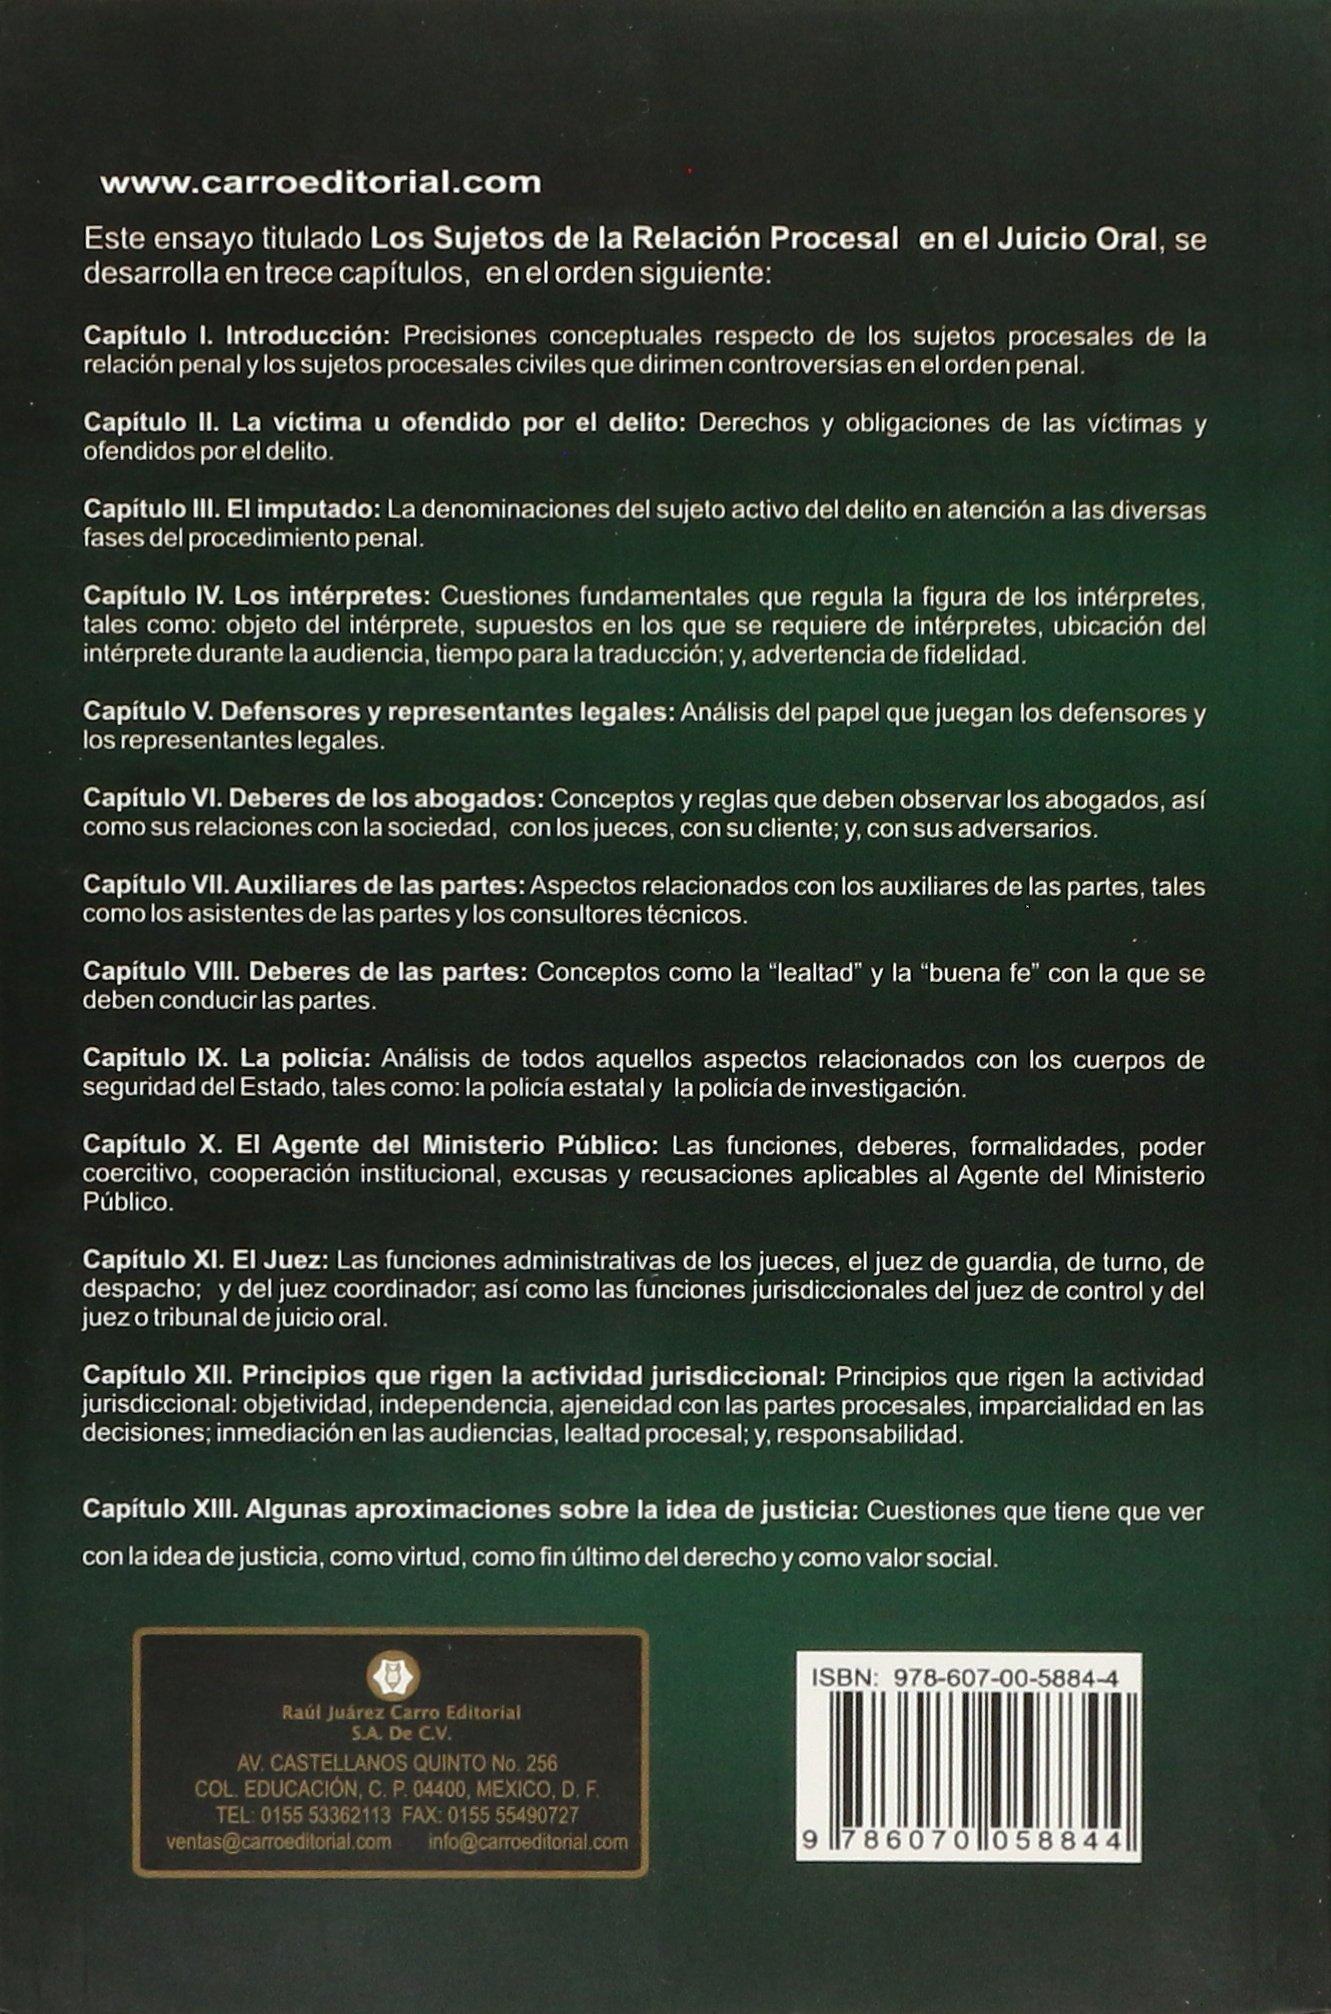 SUJETOS DE LA RELACION PROCESAL EN EL JUICIO ORAL, LOS: Varios: 9786070058844: Amazon.com: Books